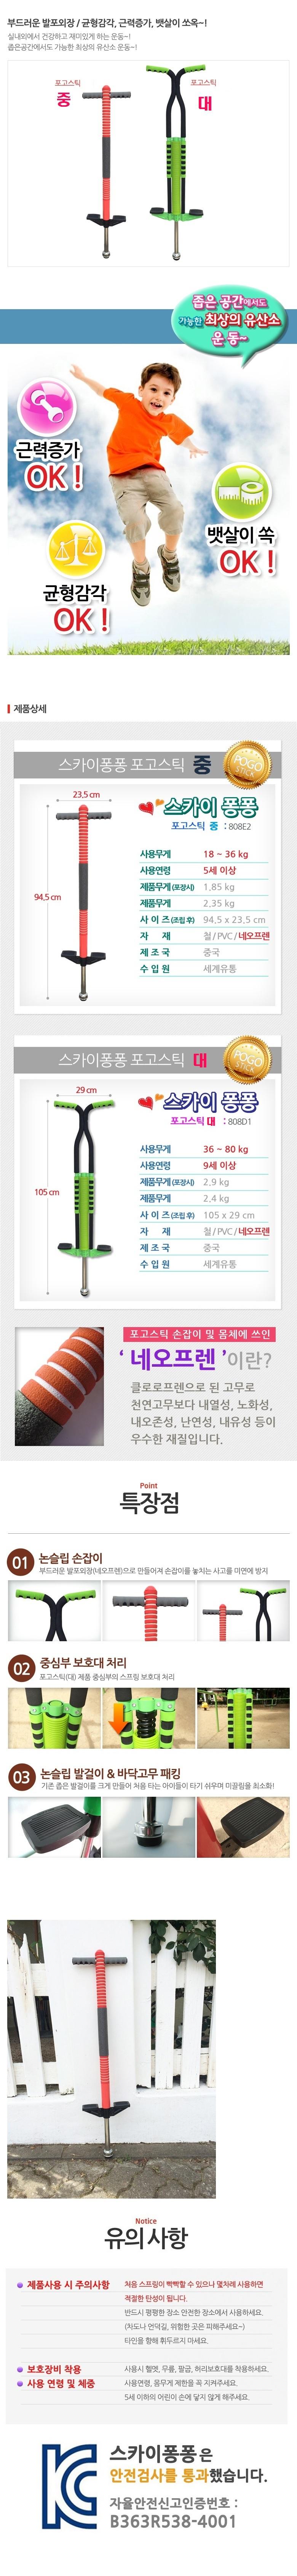 skypongpong_38000_48000.jpg